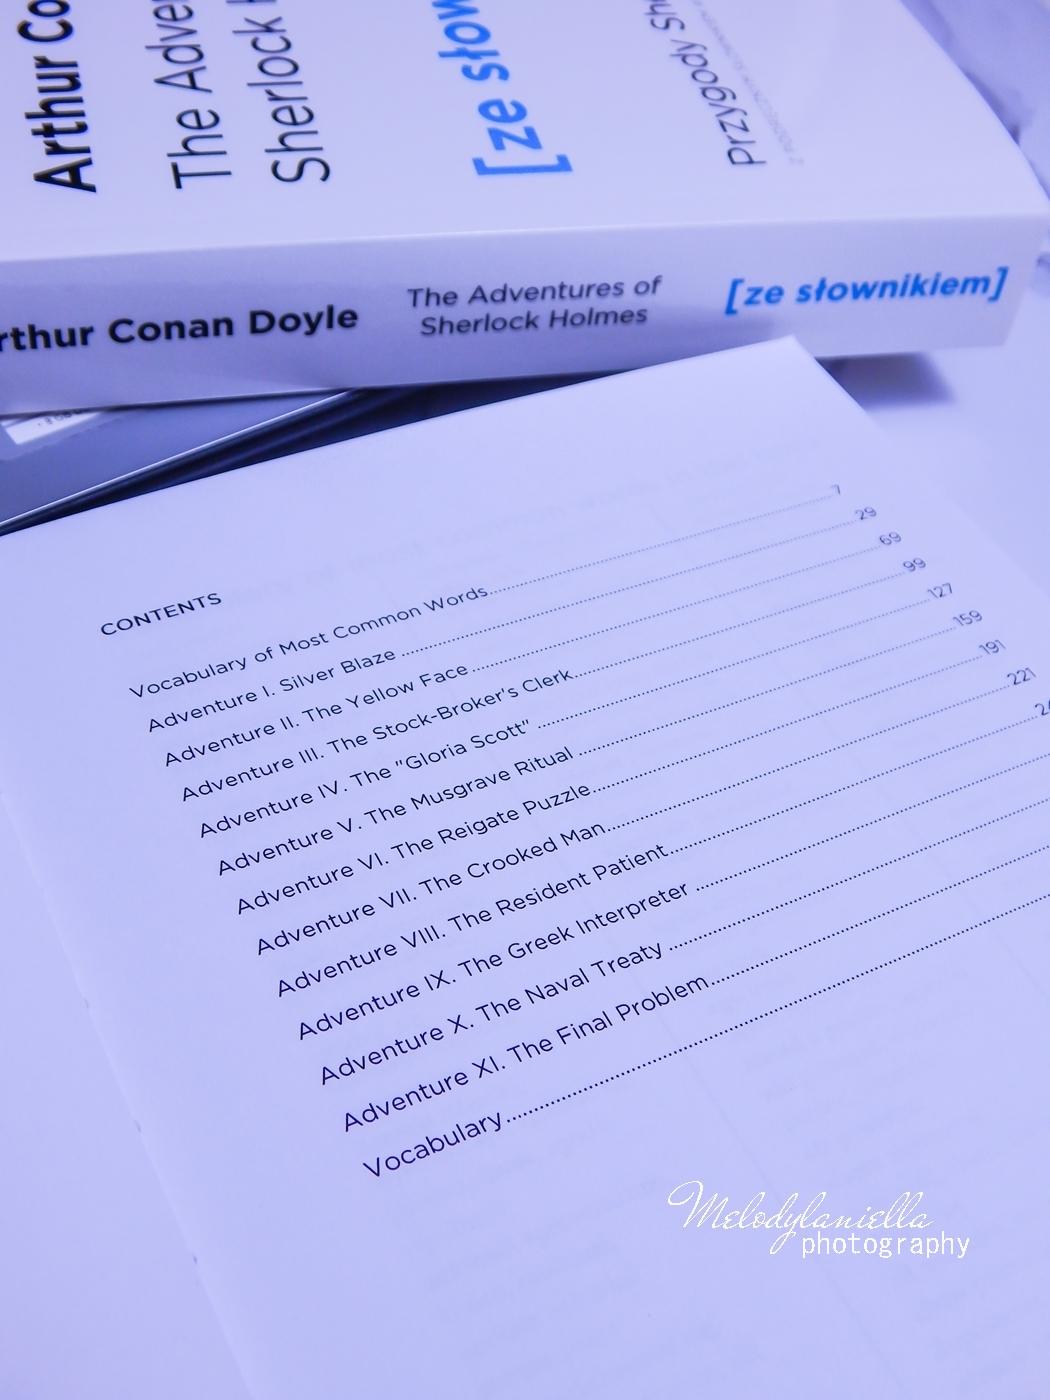 12 trzy sposoby na szybszą naukę języka angielskiego jak efektywnie uczyć się języków aplikacje do nauki angielskiego do nauki języków obcych duolingo książki ze słownikiem sherlock holmes